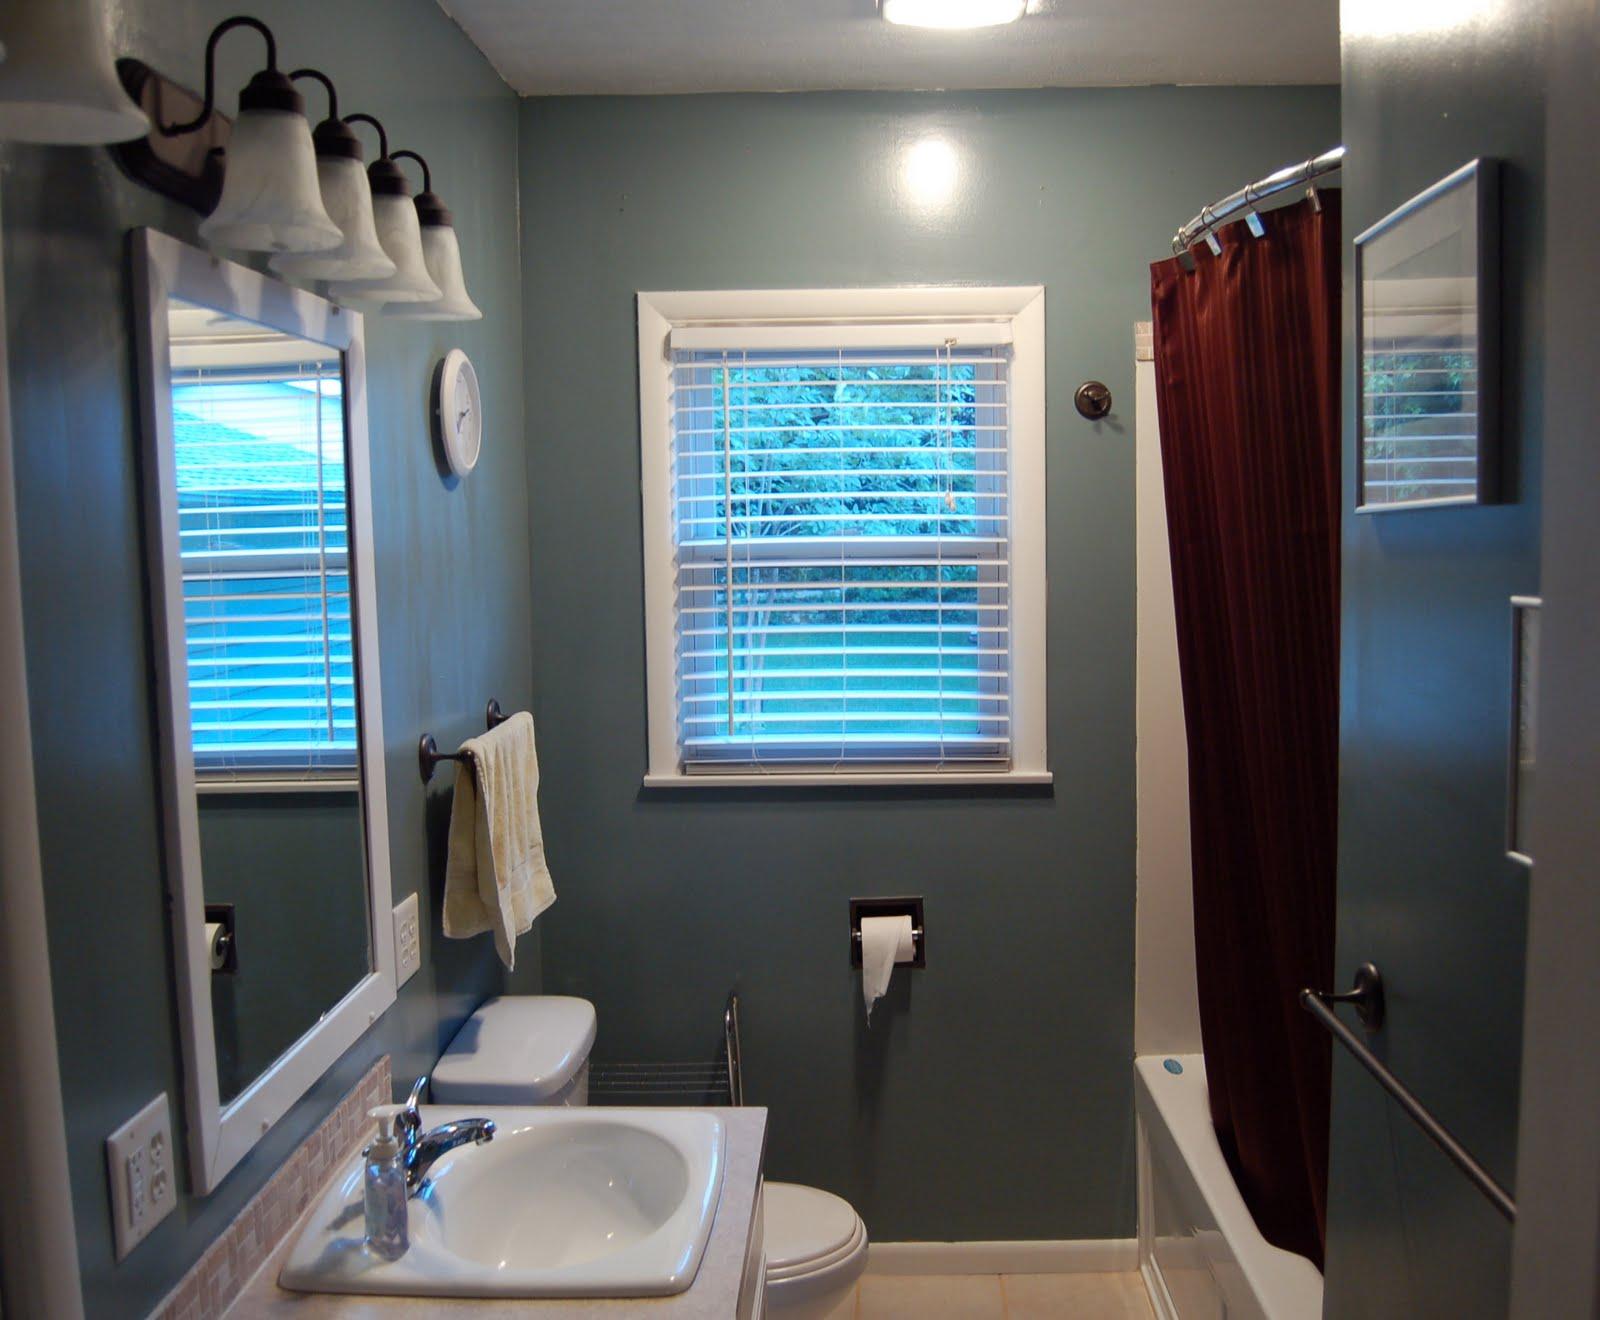 Allen Roth Linen Cabinet Bath Vanities Store Loweus Bathroom - Allen and roth bathroom vanities for bathroom decor ideas